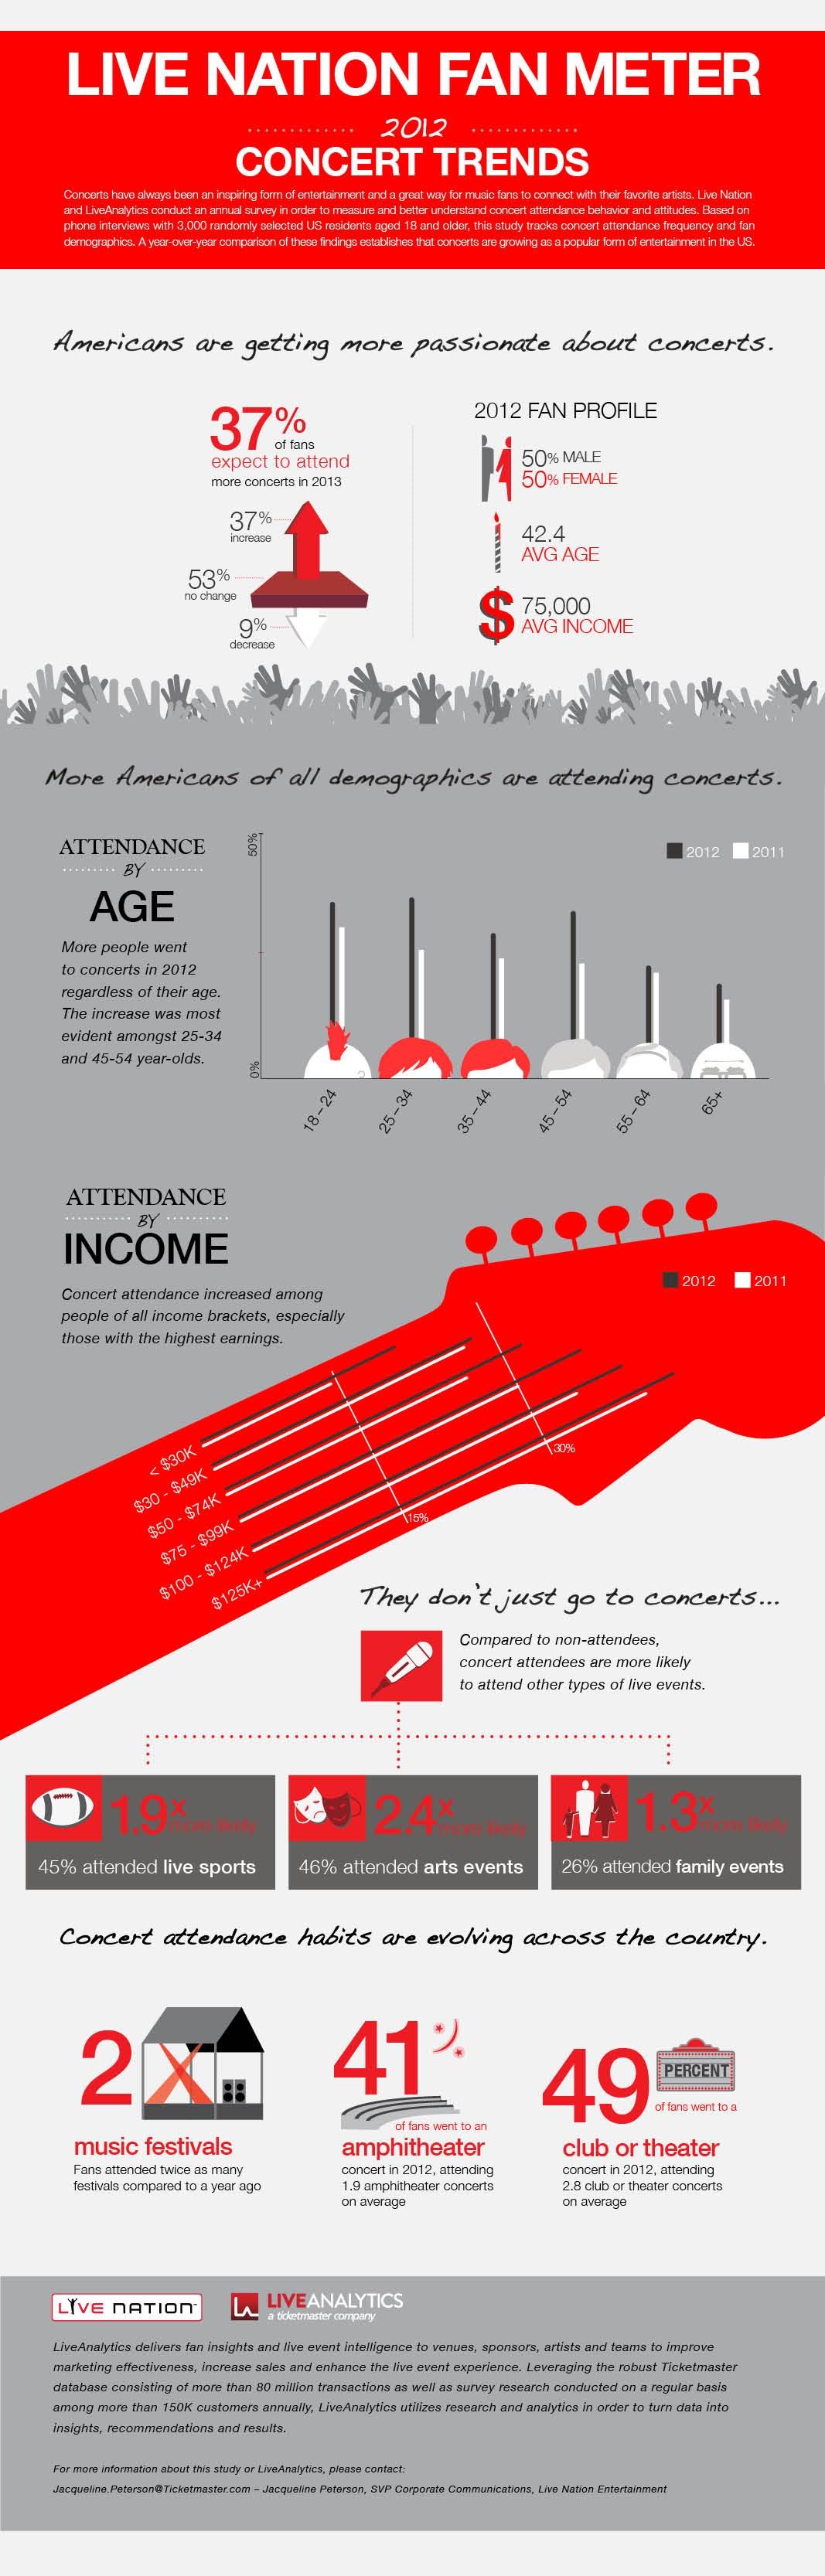 Concert Trends in 2012